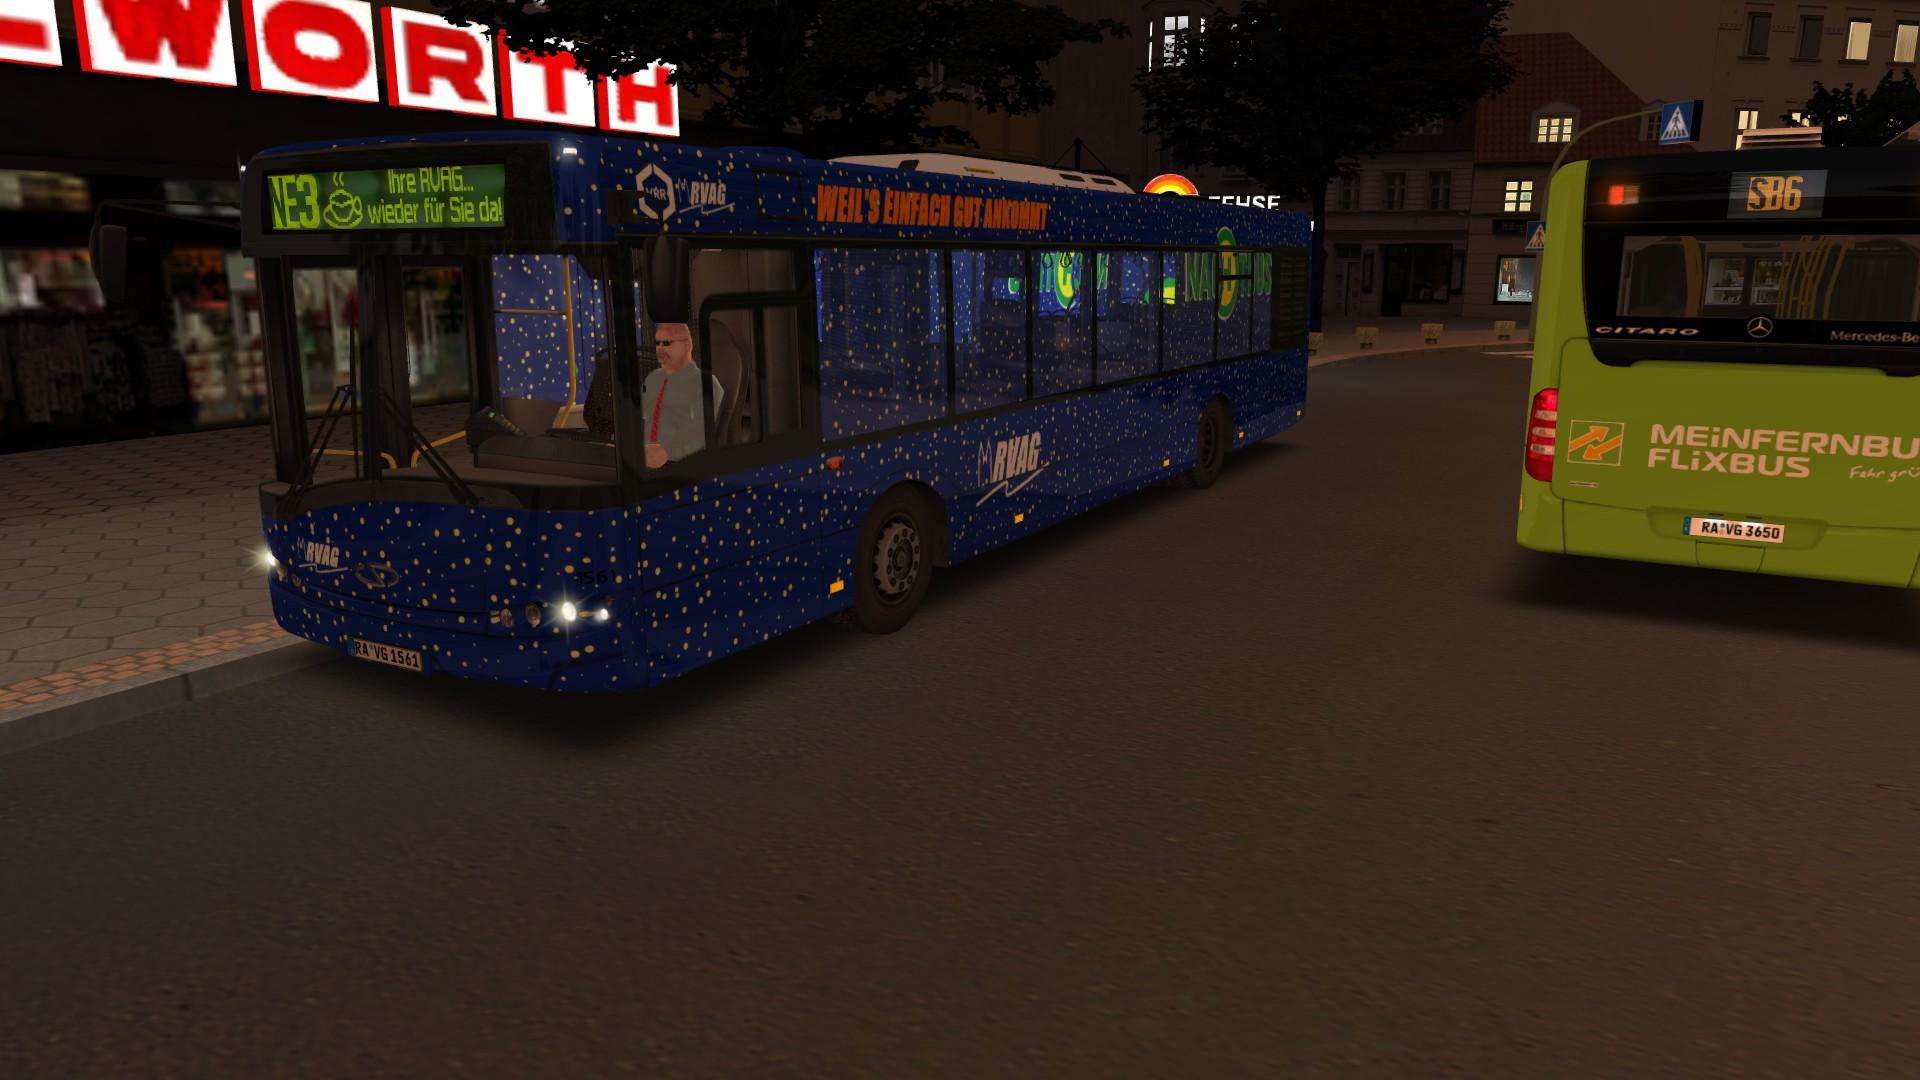 fOcUs04 Repaint-Ecke *NEW* Solaris BVG 12m 2-Doors RVAG